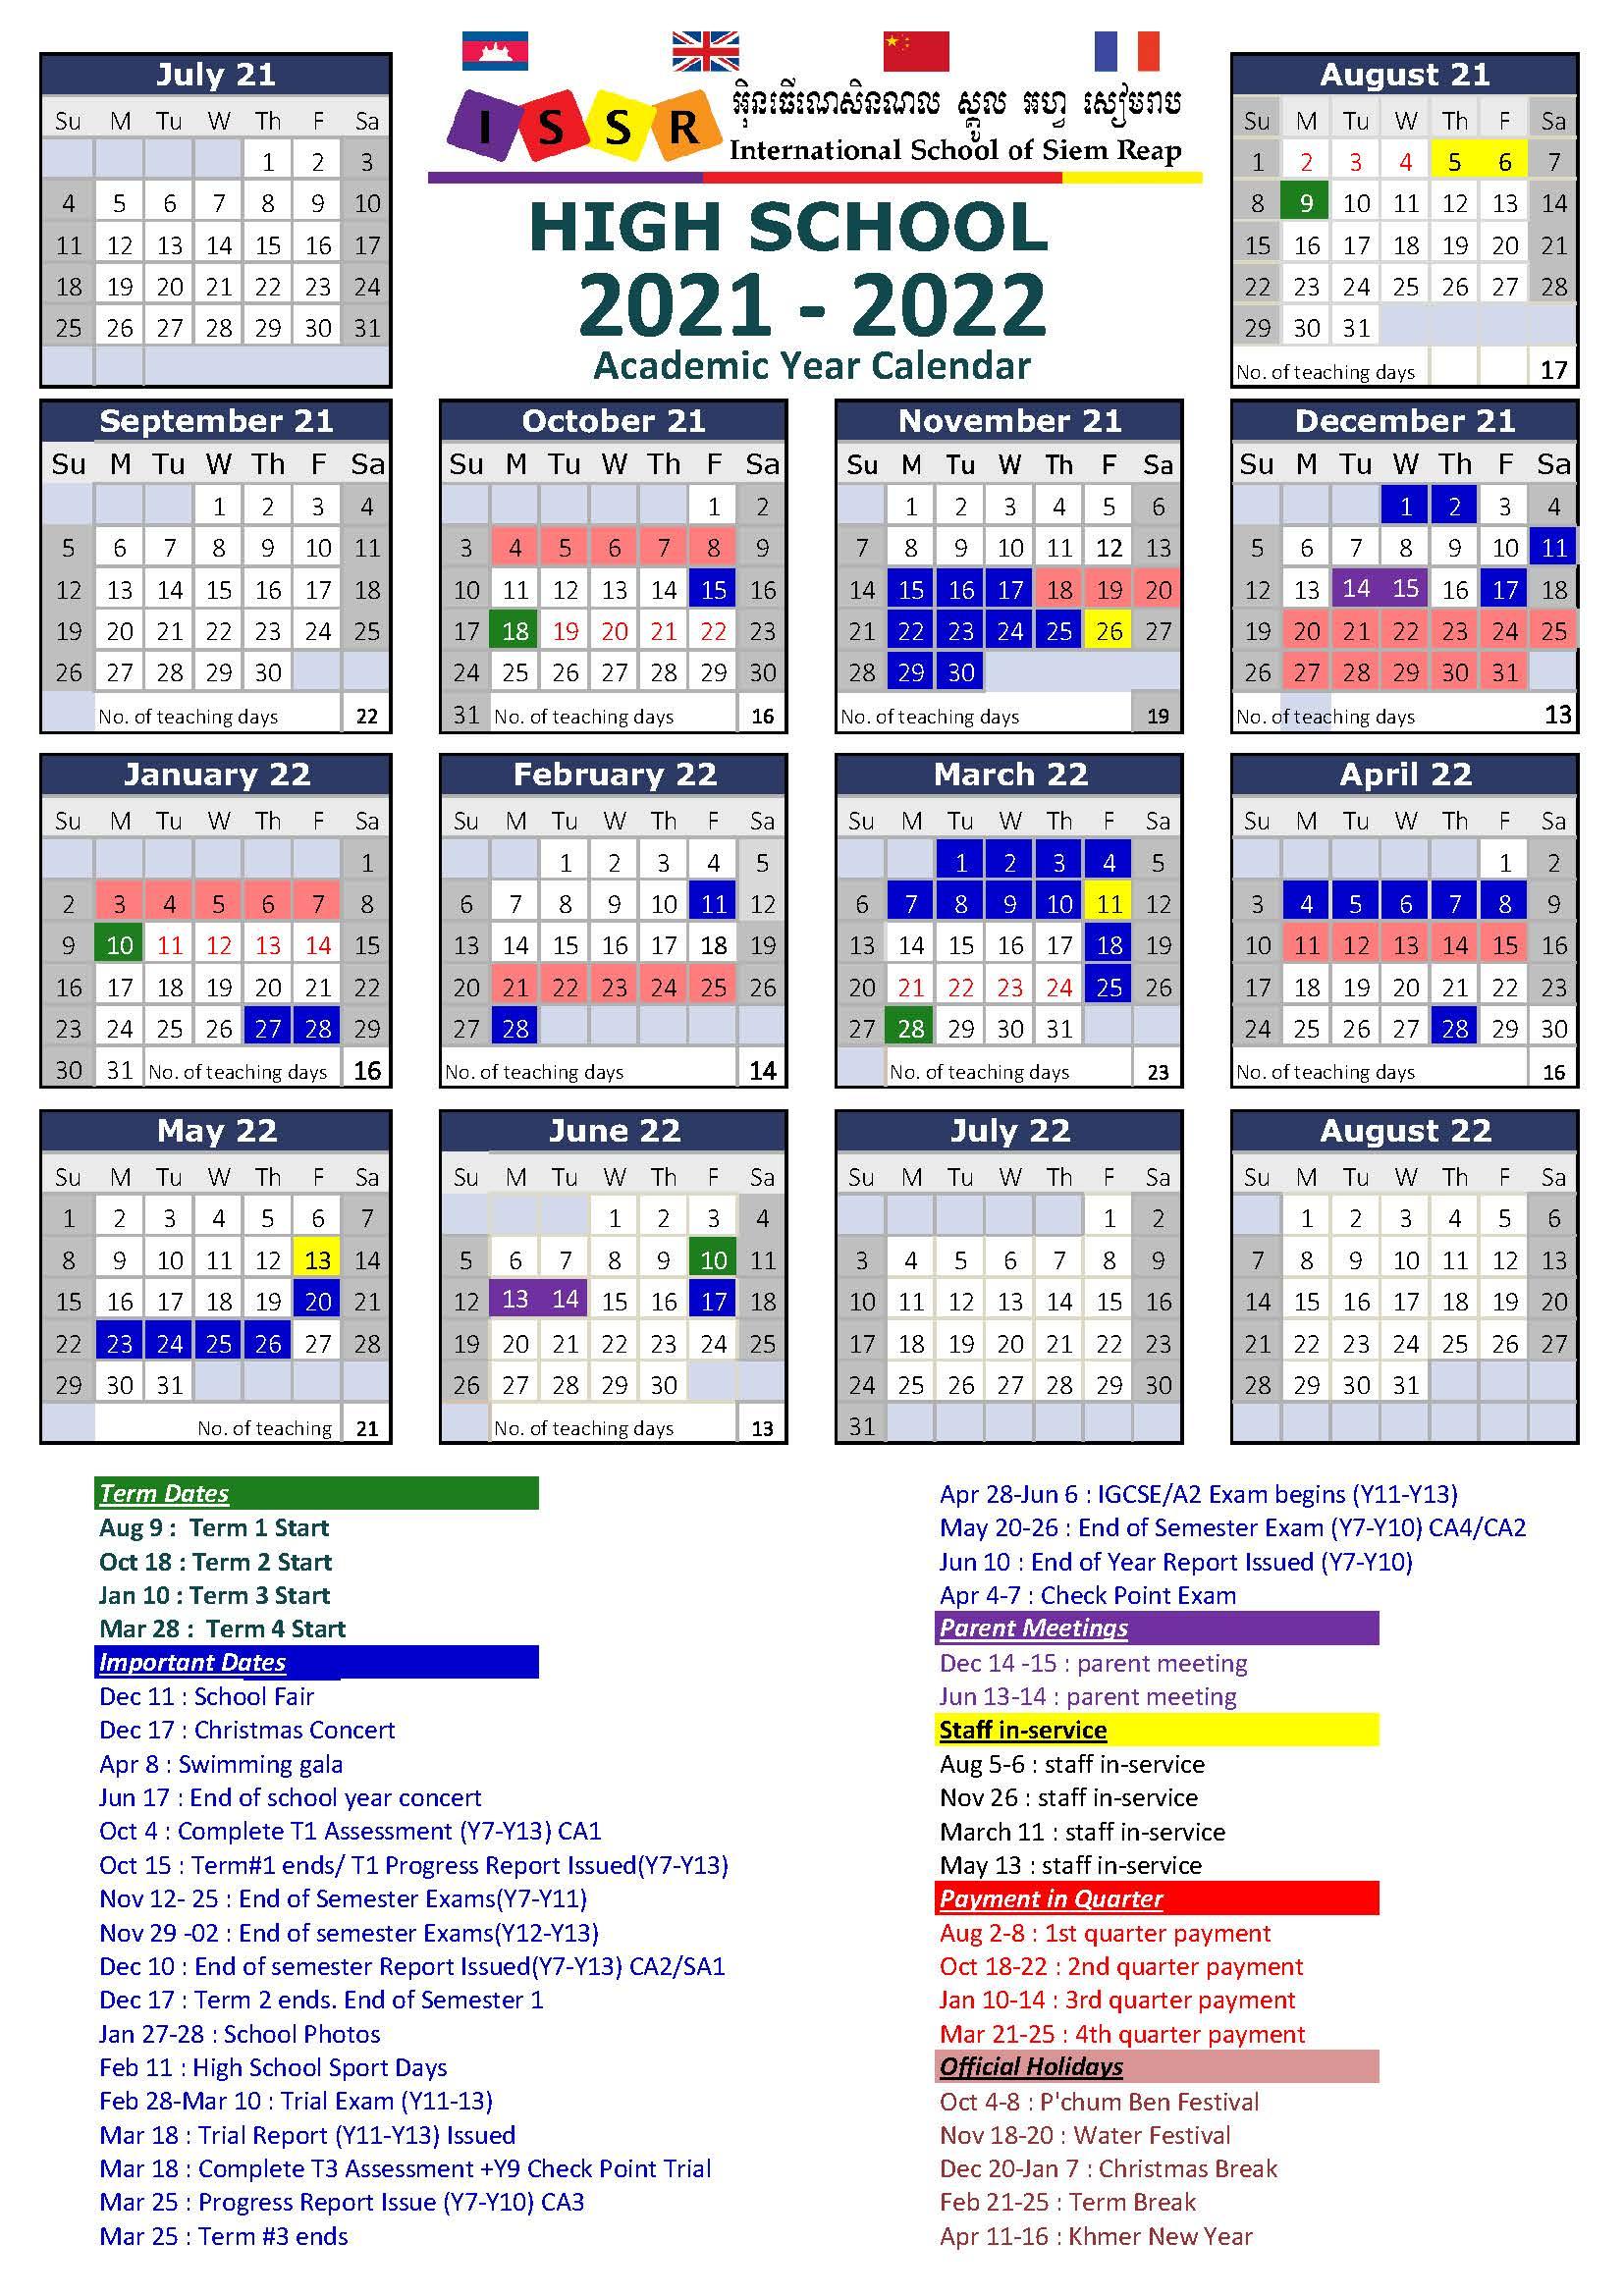 HS Calendar from Sinath_29-Jun-2021